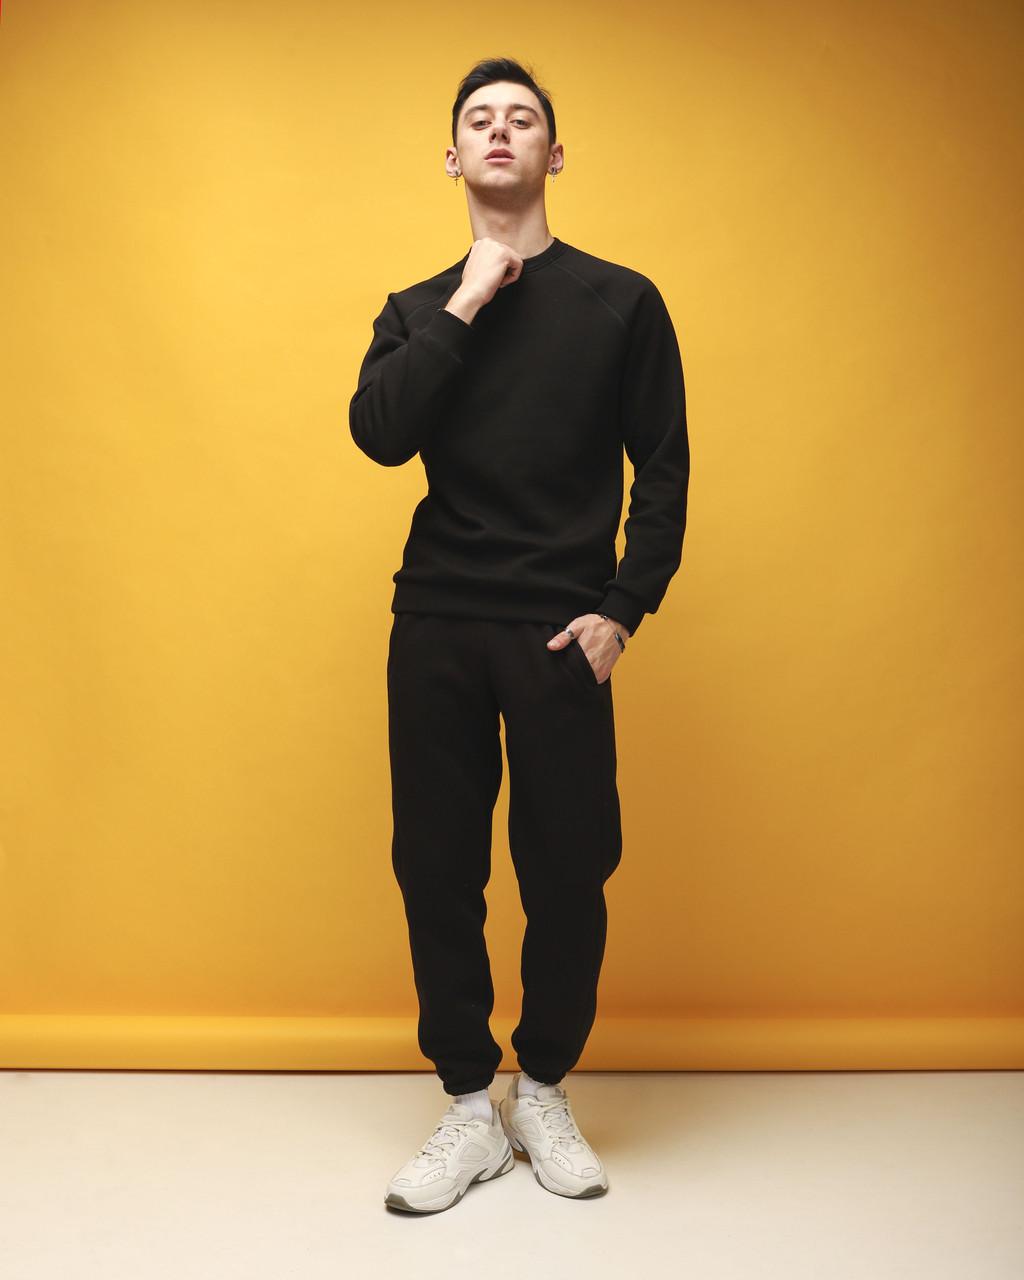 Спортивный костюм мужской черный на флисе Соул от бренда Тур, размер: XS, S, M, L, XL